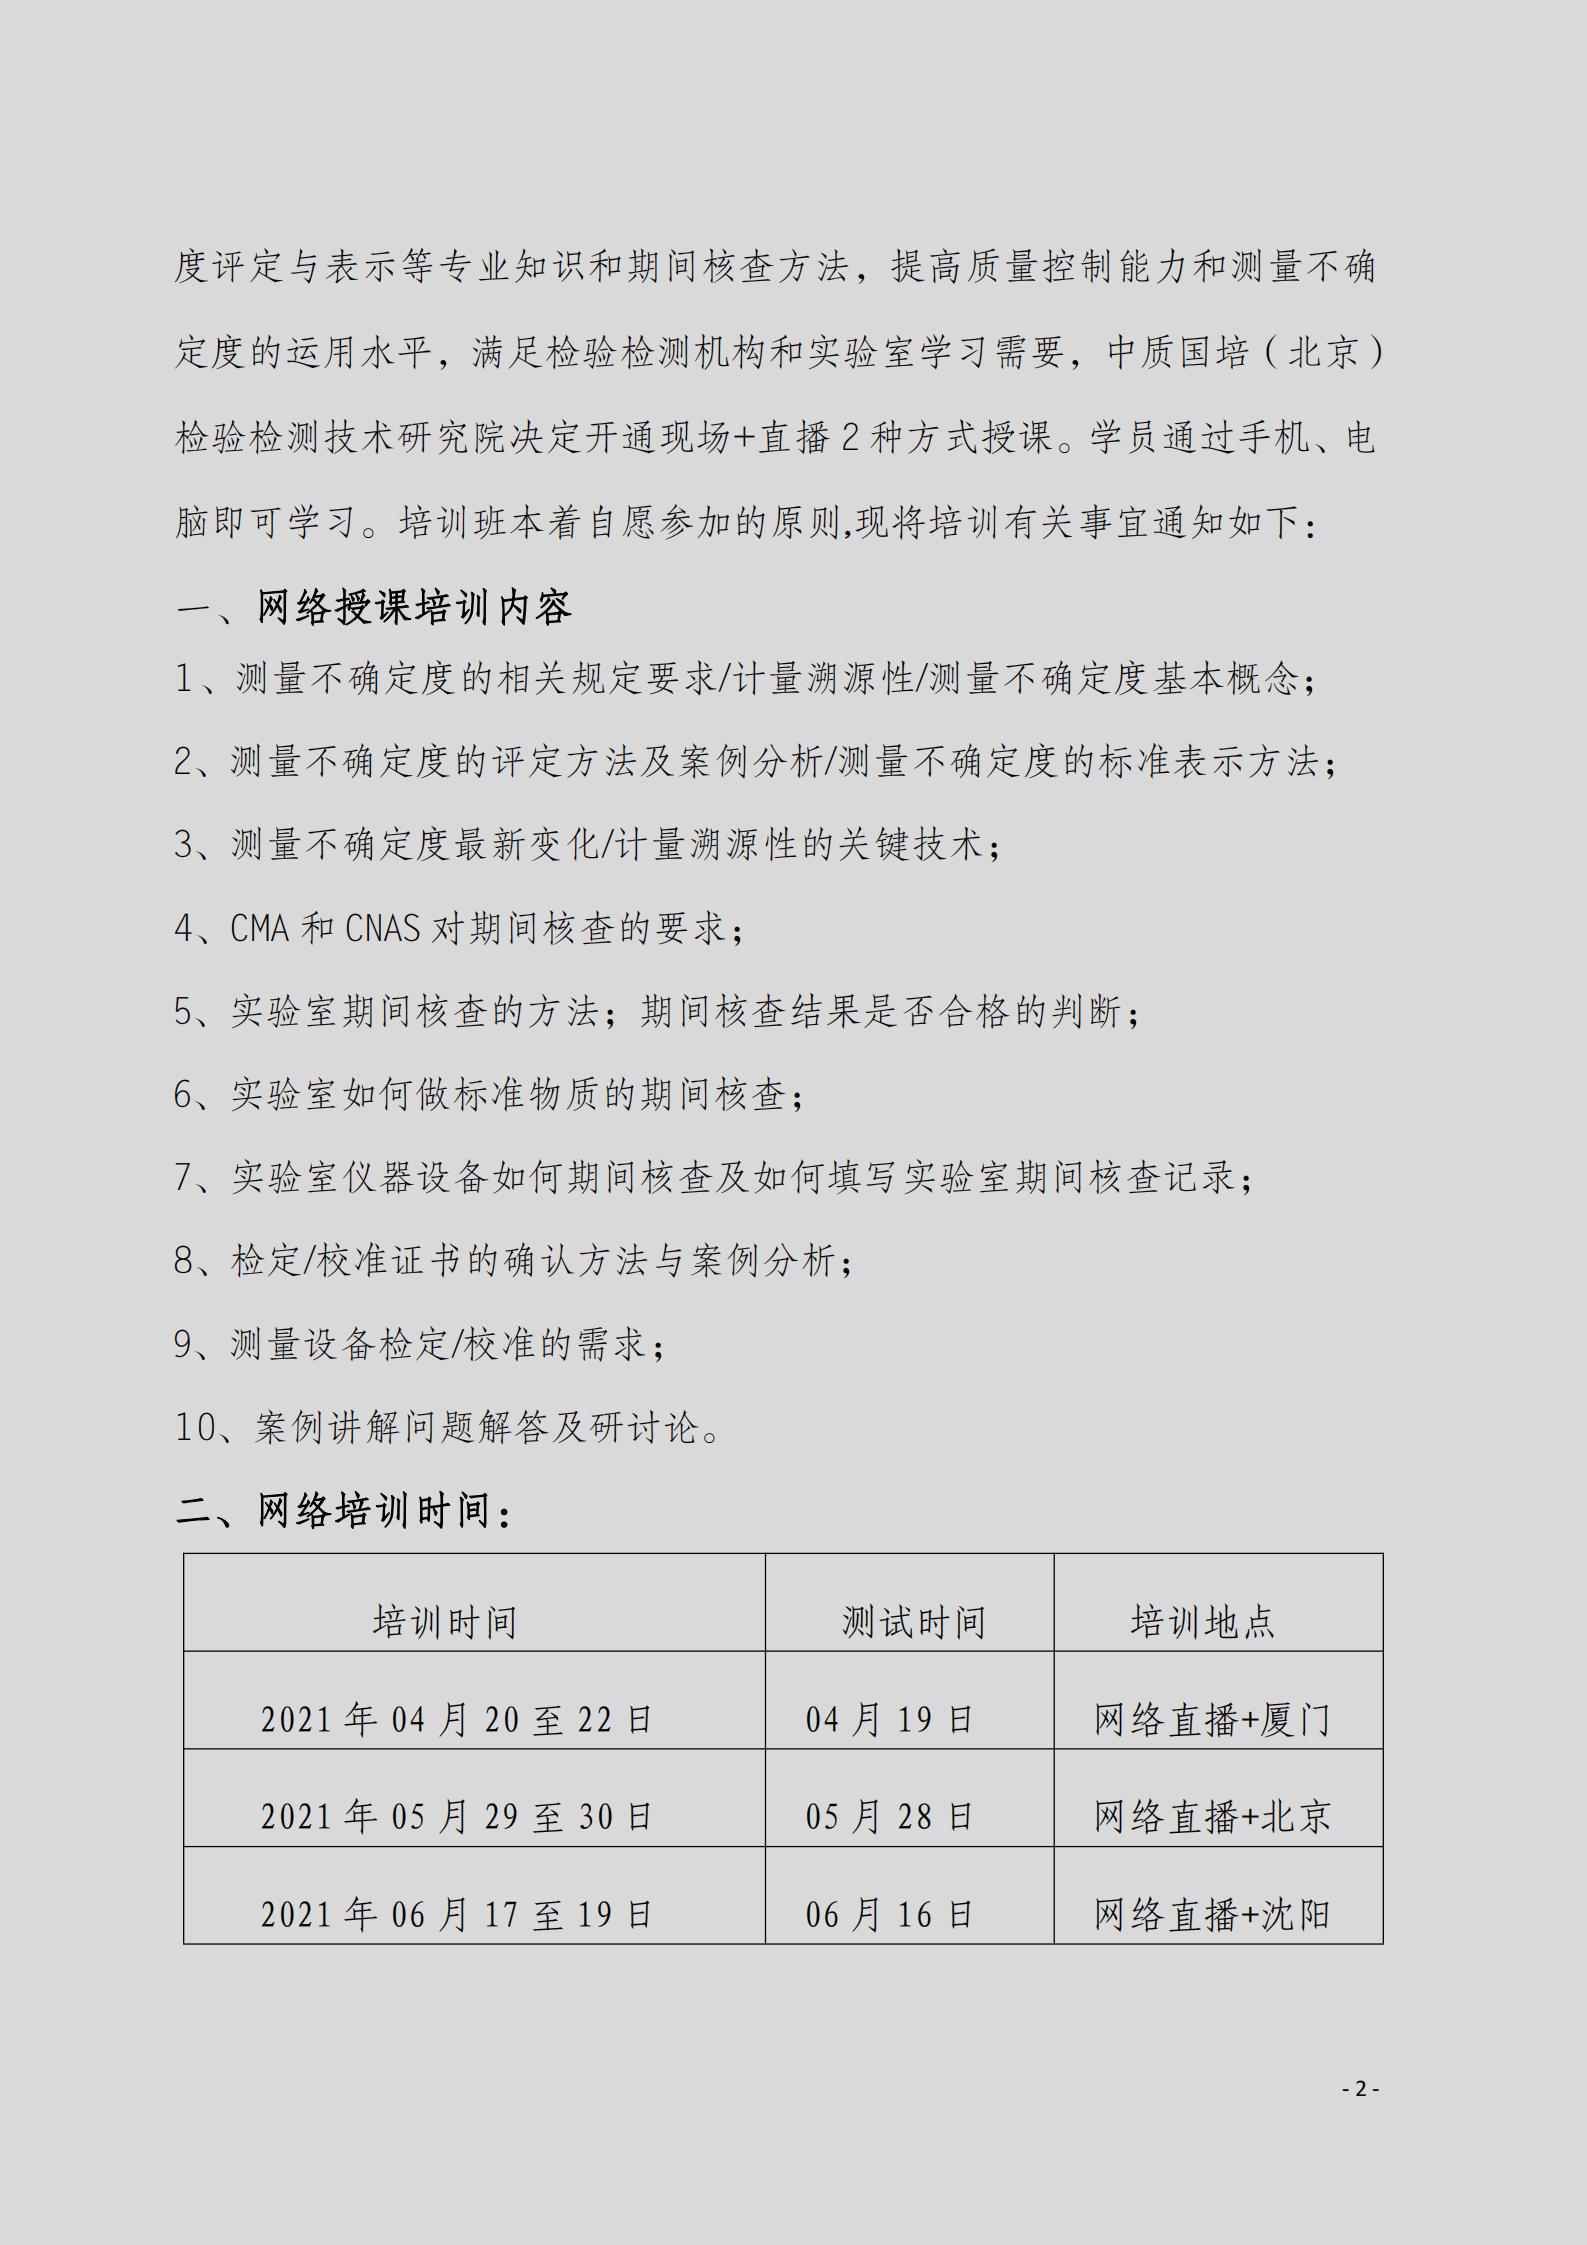 2021年测量不确定度-林海_01.png